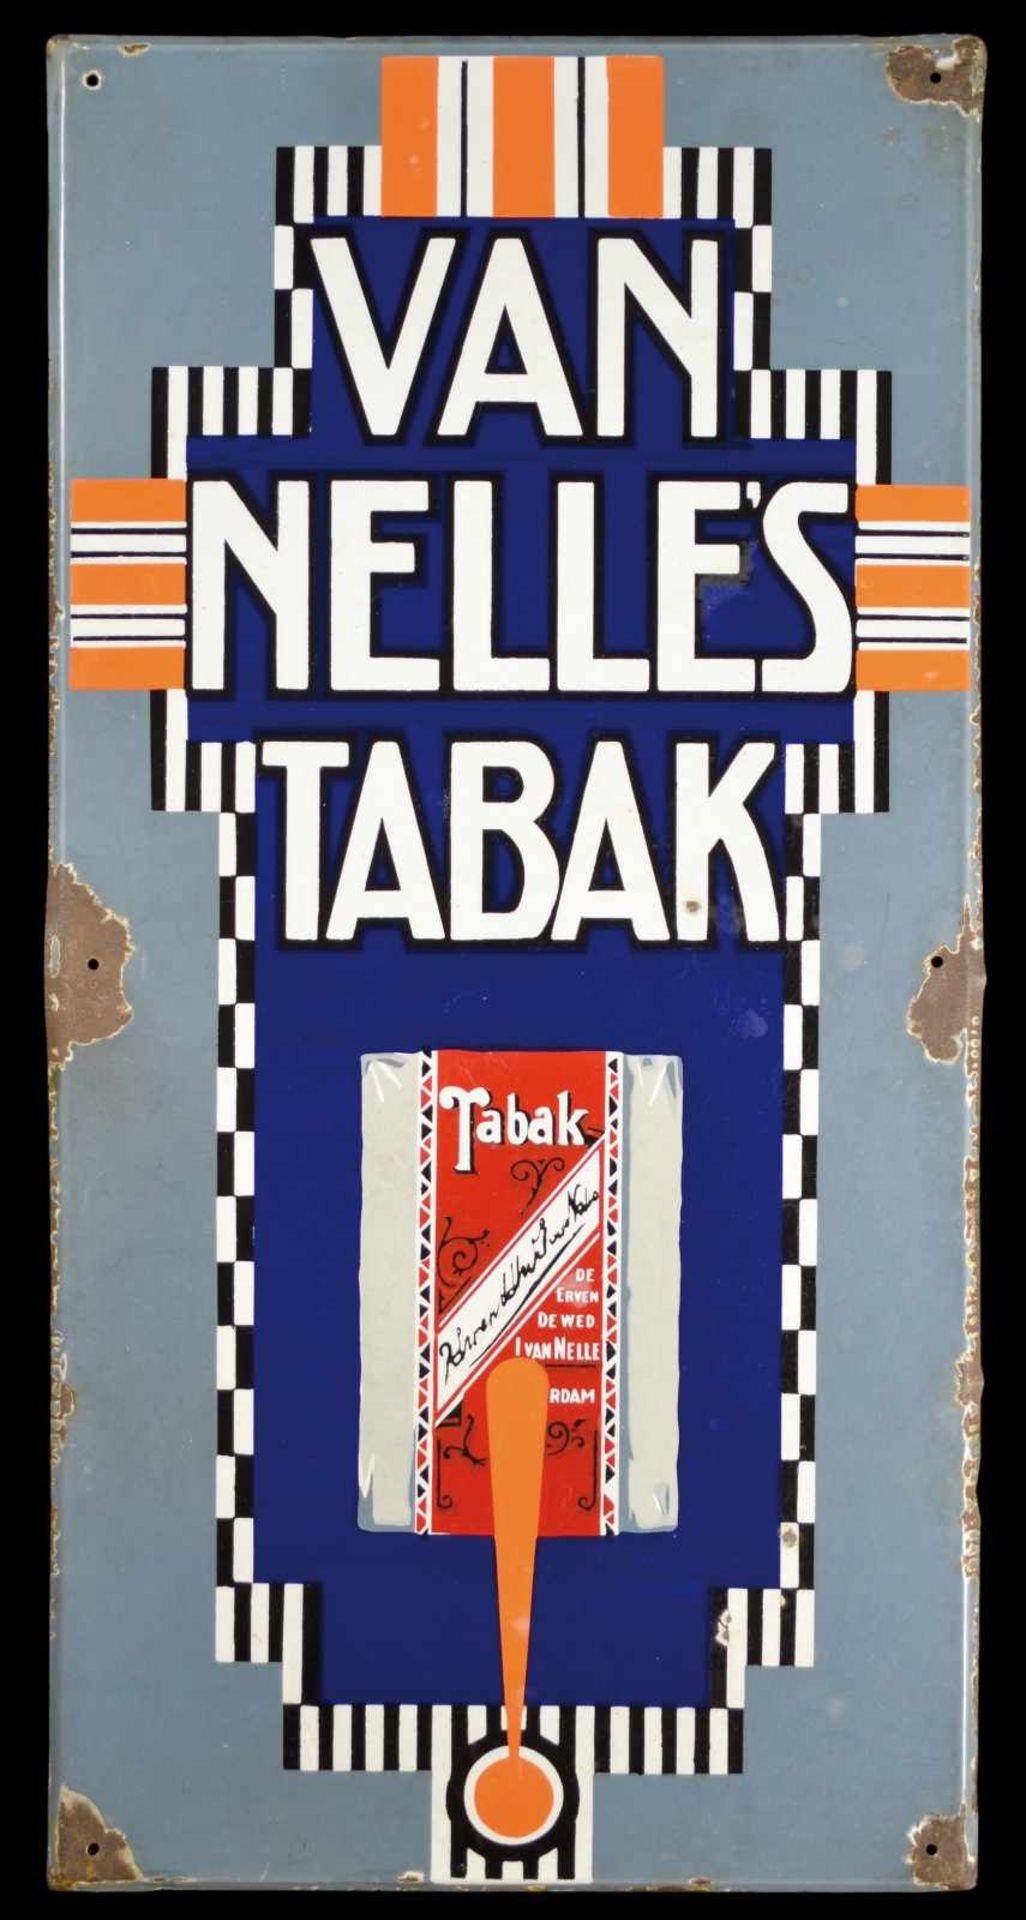 VAN NELLE's TABAK (2) Emailschild, schräg abgekantet, dick schabloniert, Niederlande um 1920, 50 x